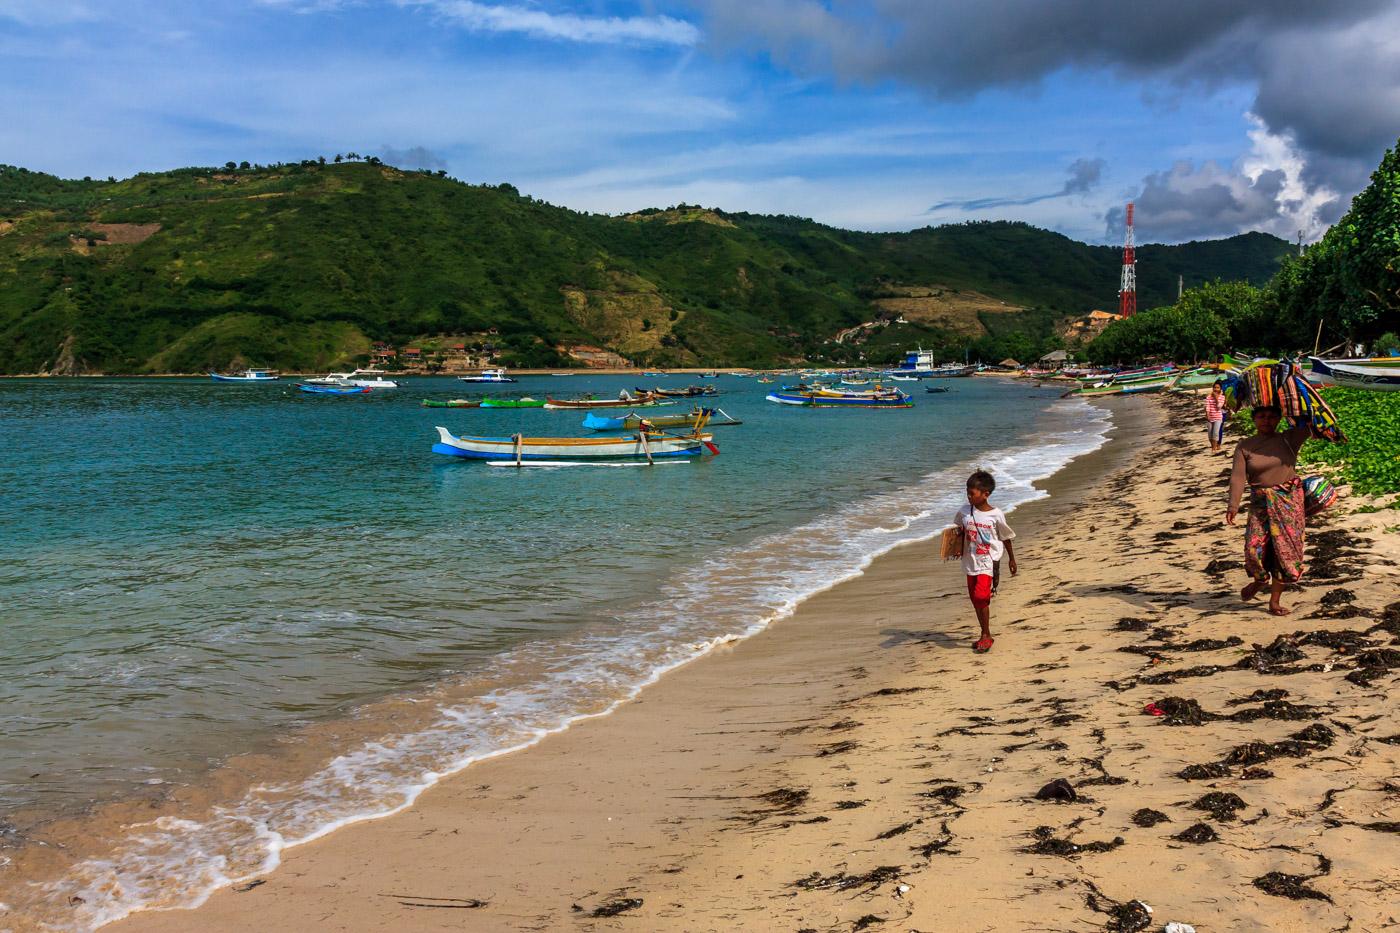 Kuta, Lombok is a fishing village.